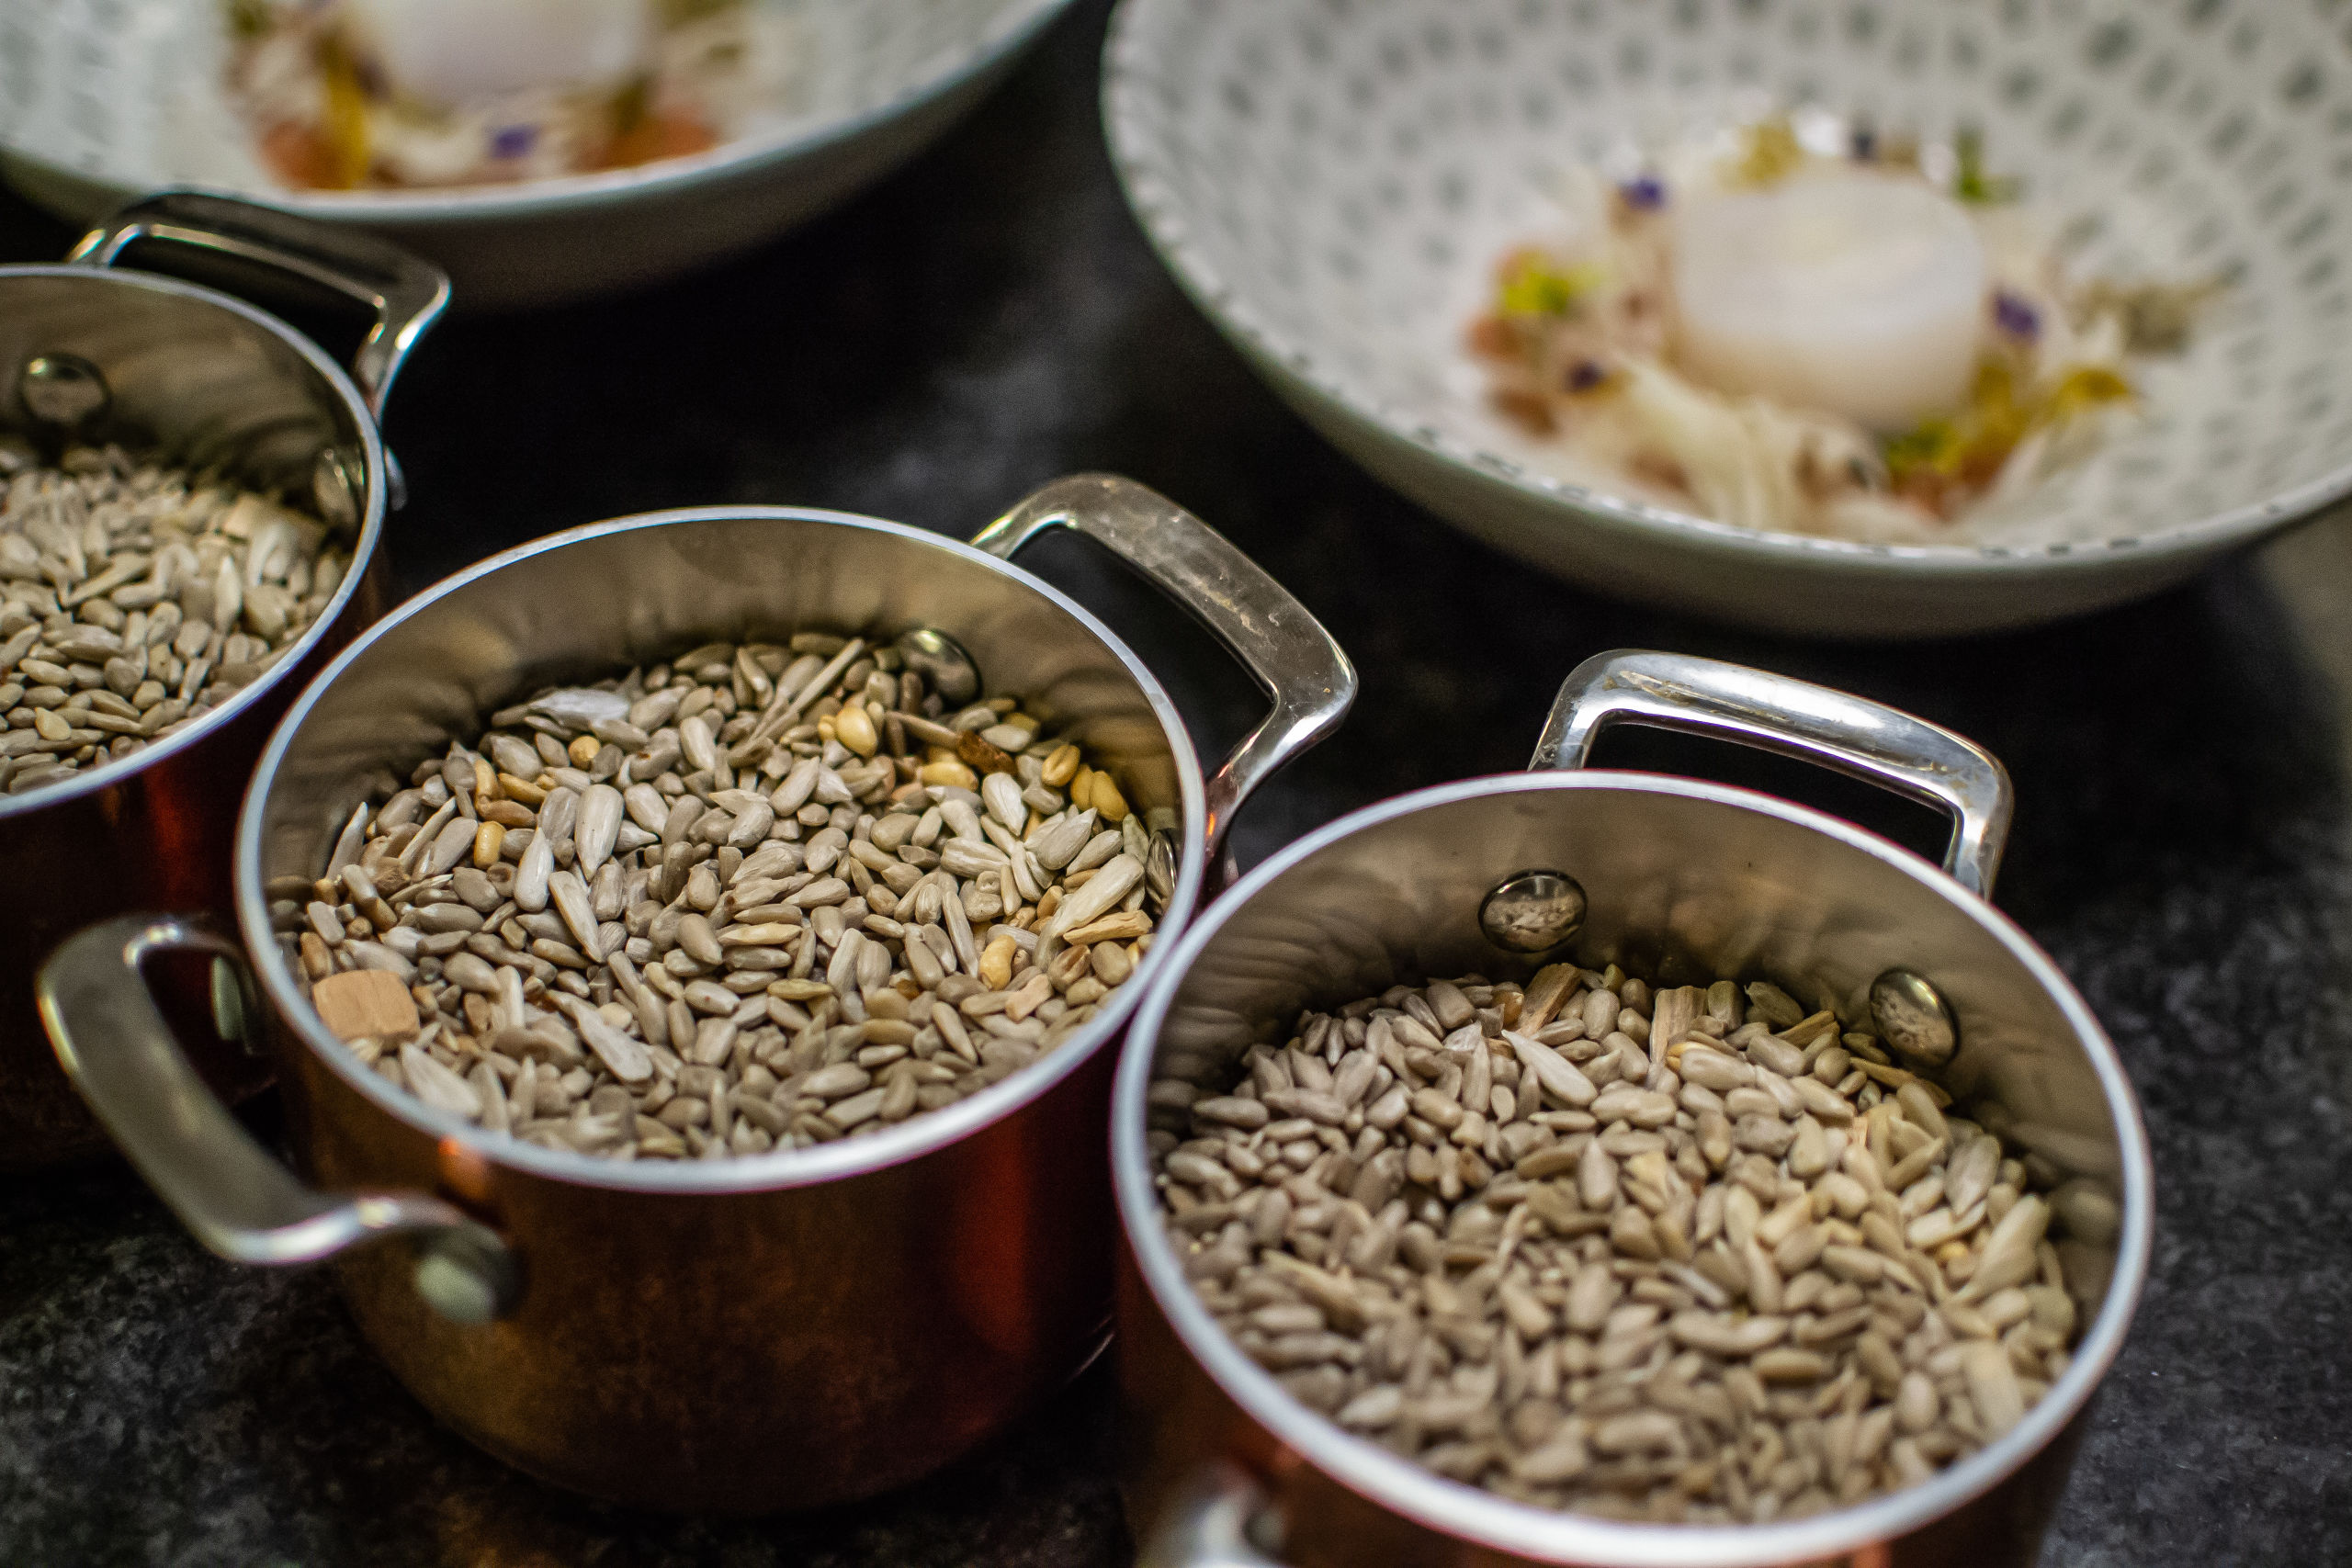 Der venter en stor gastronomisk oplevelse, når Restaurant Tabu møder Restaurant Uafhængig i finalen. Foto: Freja Thomassen